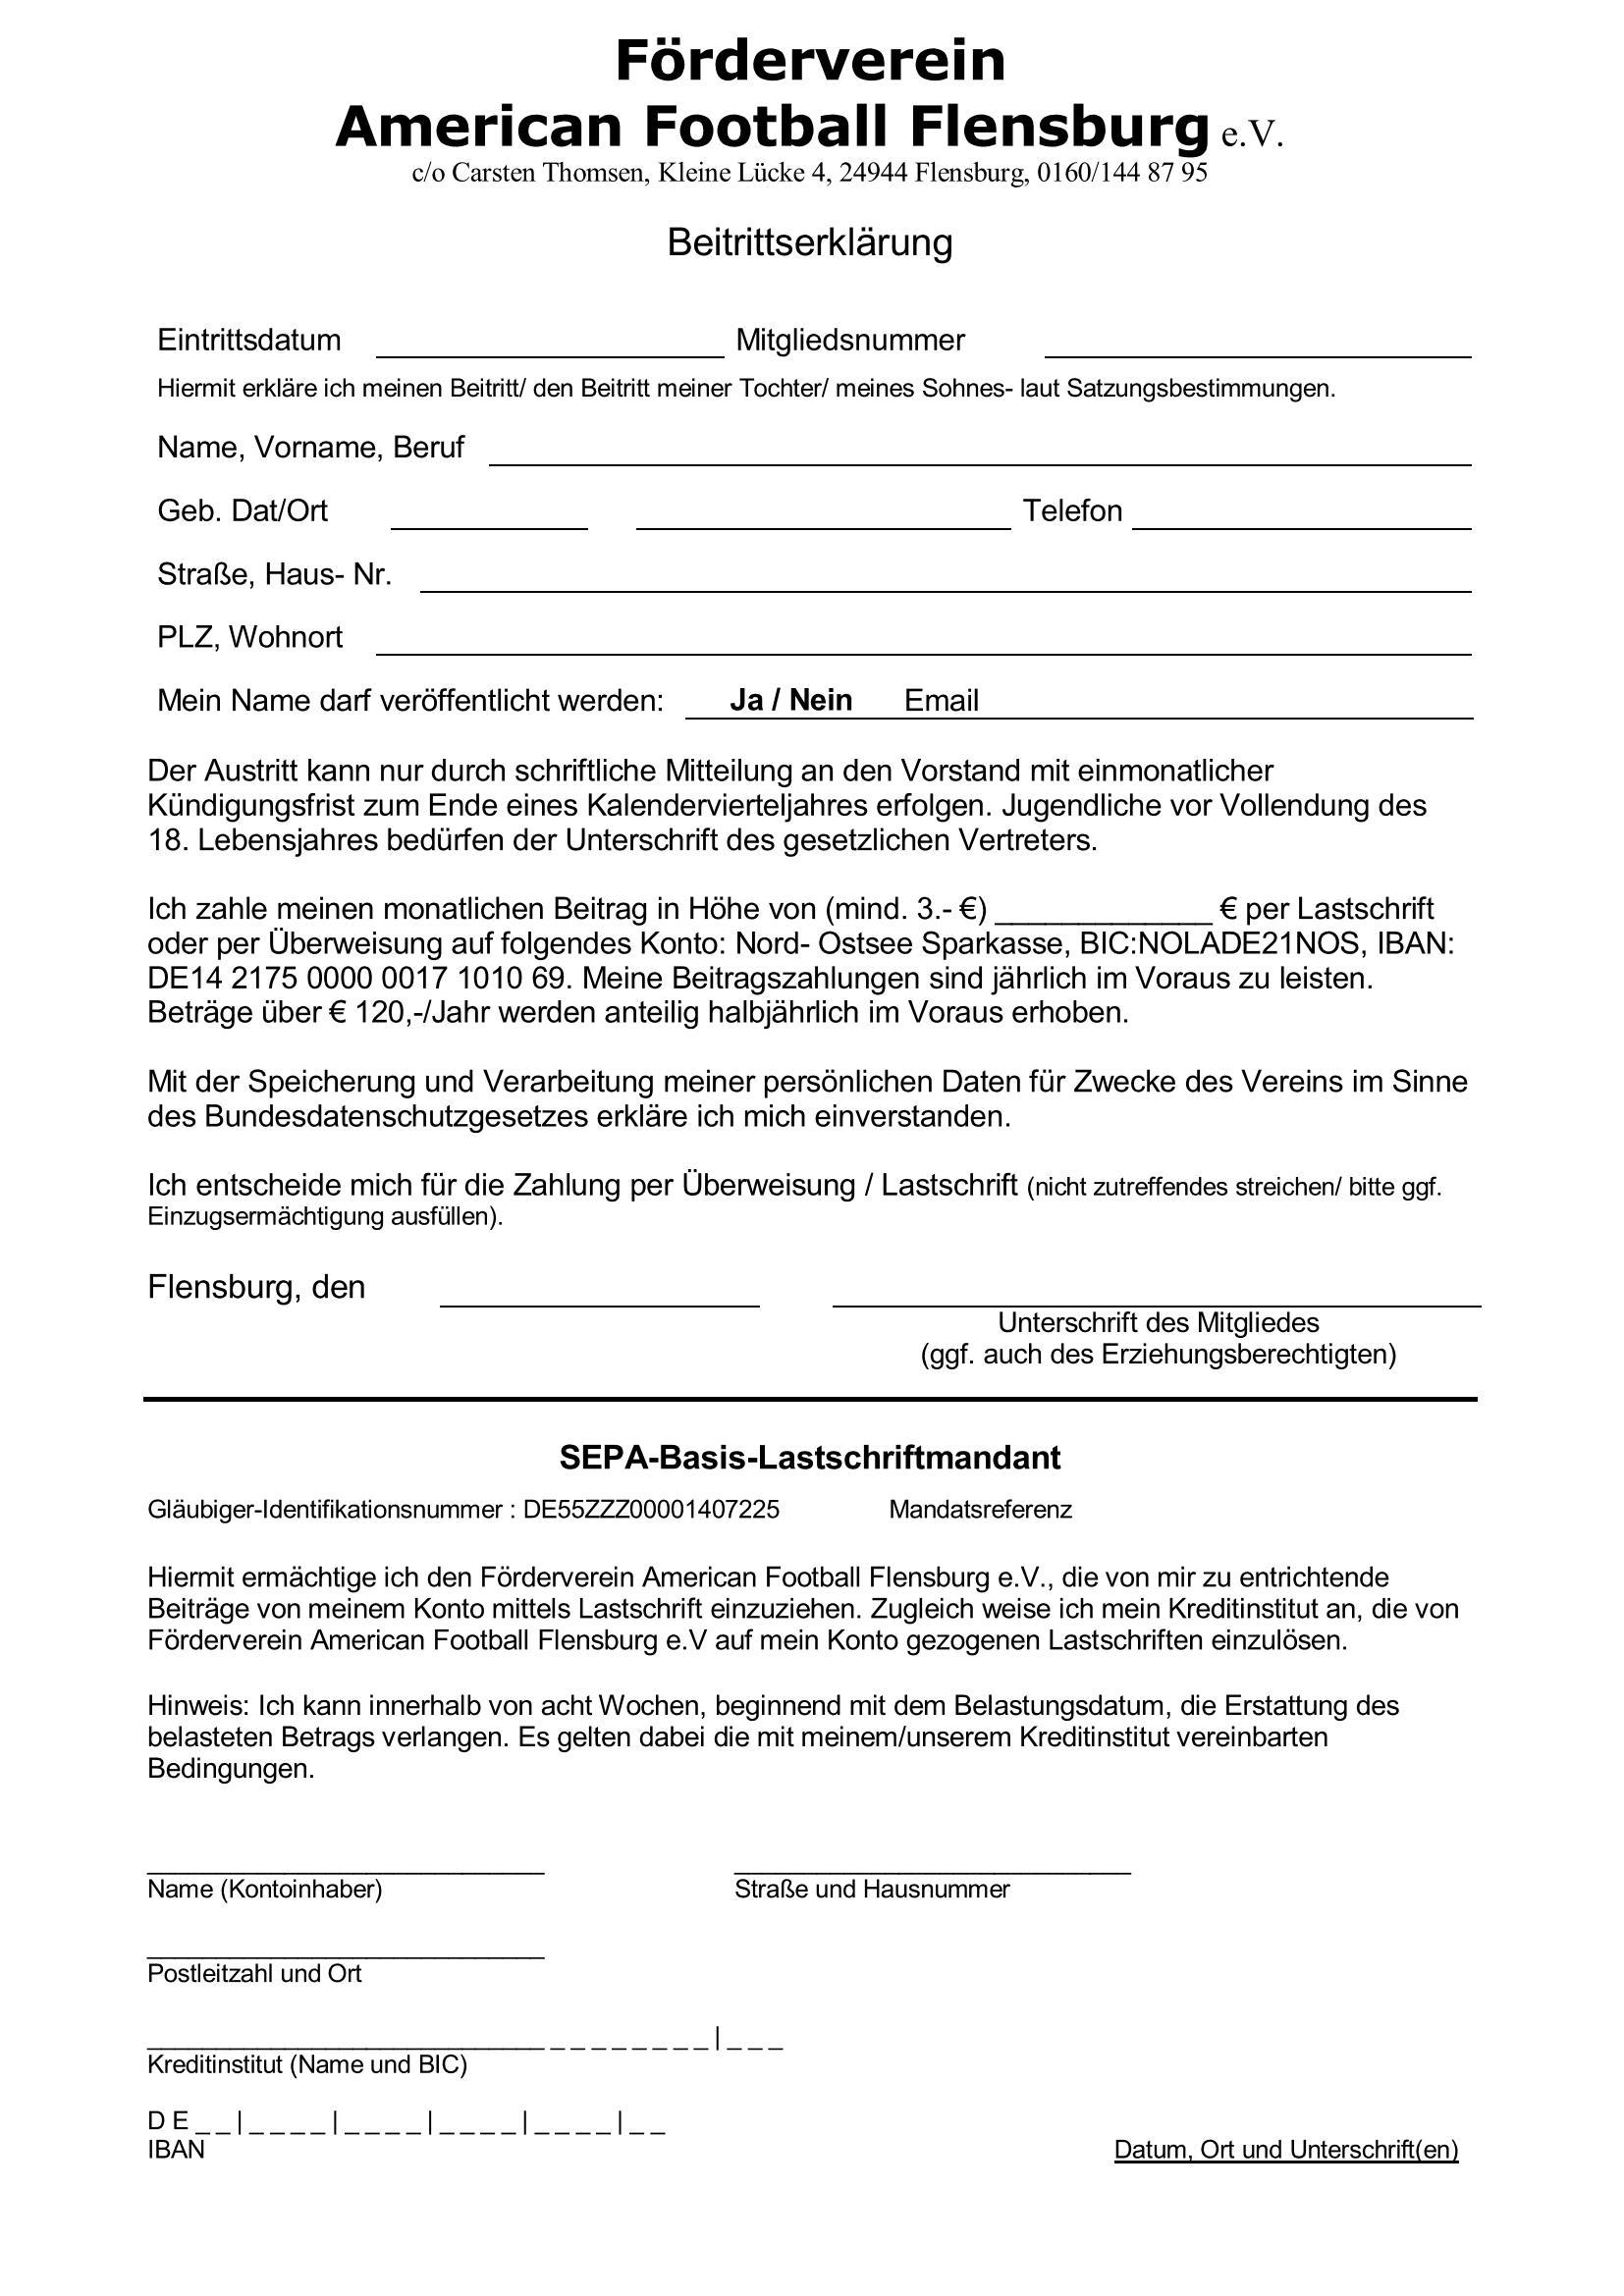 Beitrittserklärung_Förderverein_Page_1